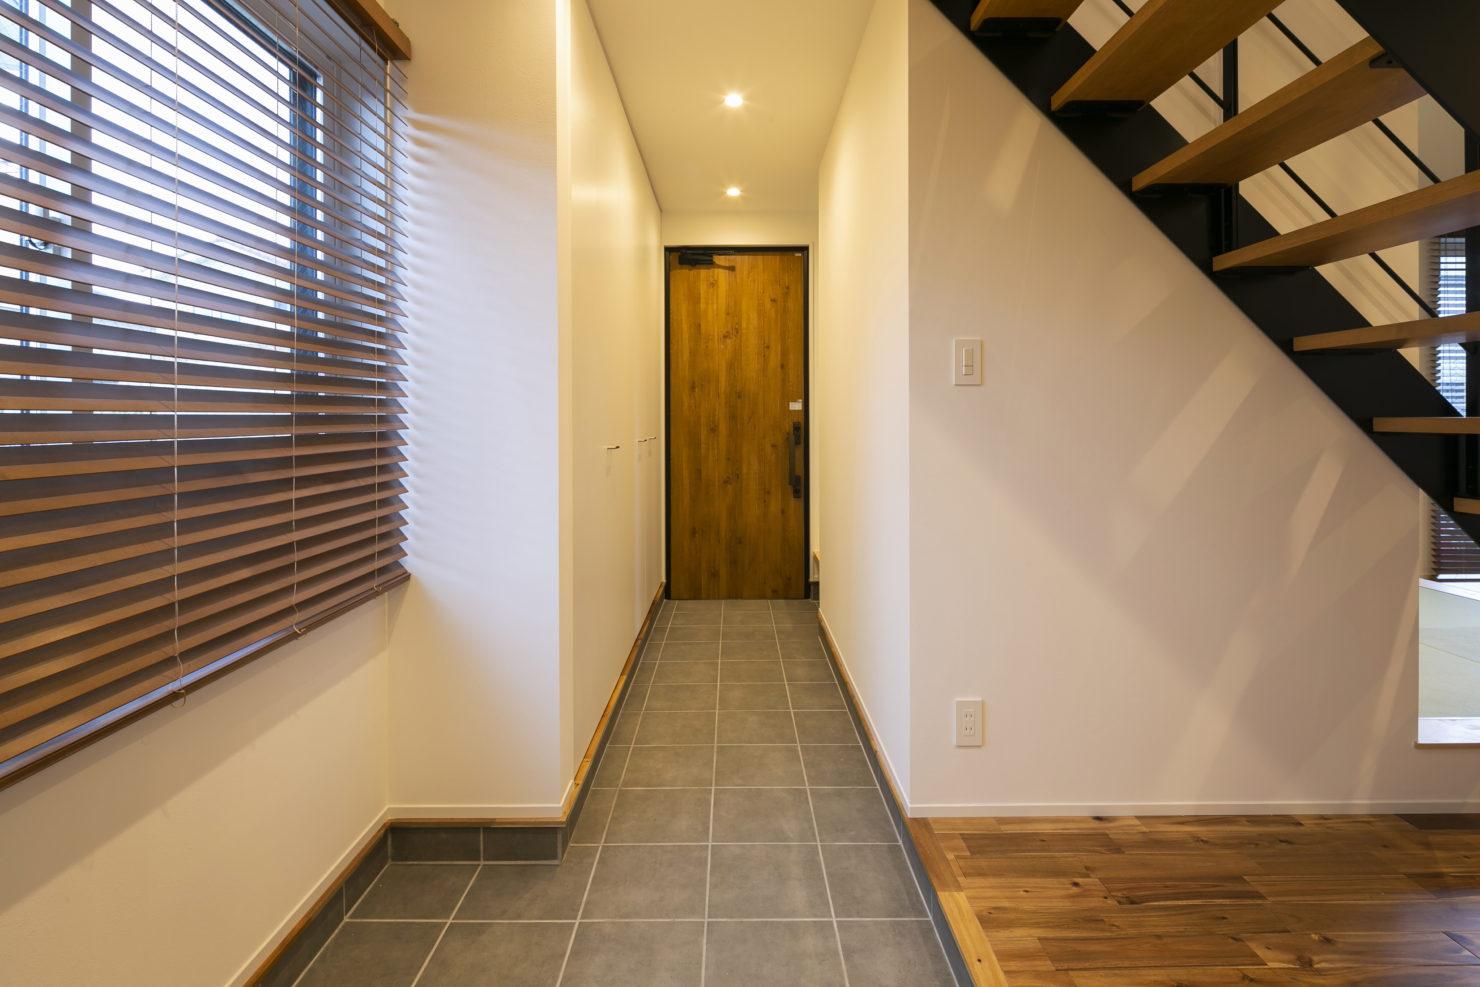 ハウスM21+archi「普段の生活で使いやすく、かつ広く見える工夫を」玄関写真